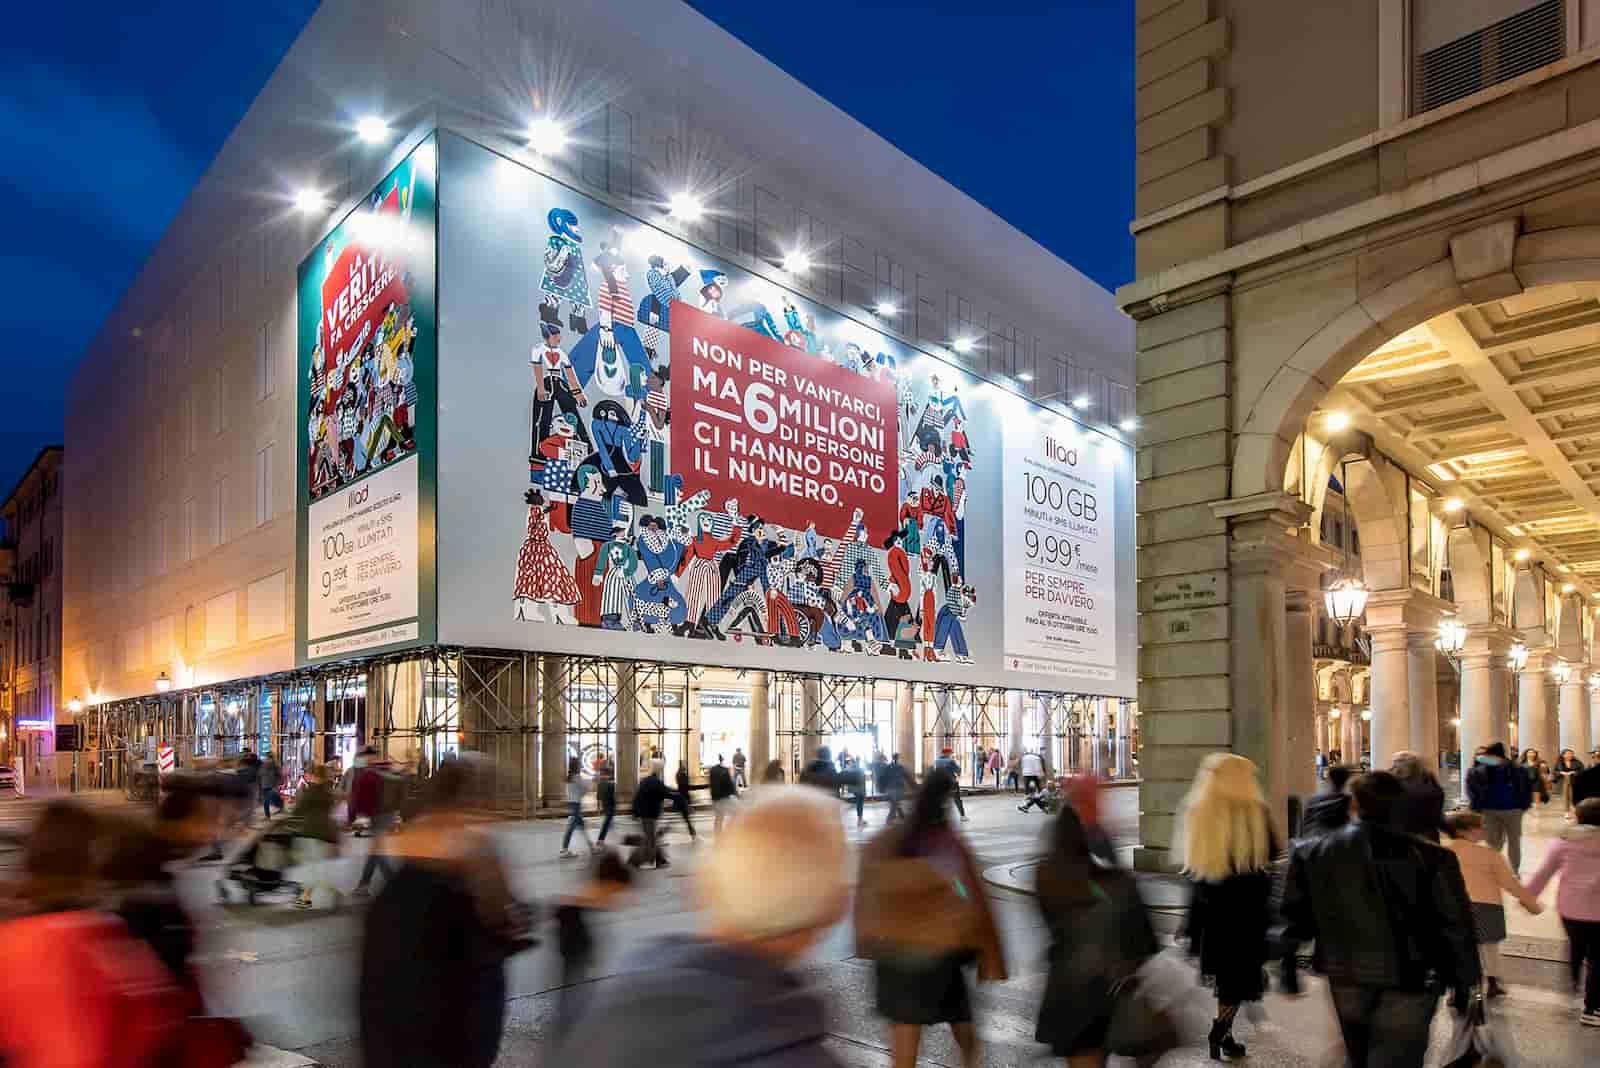 Affissione iliad Torino